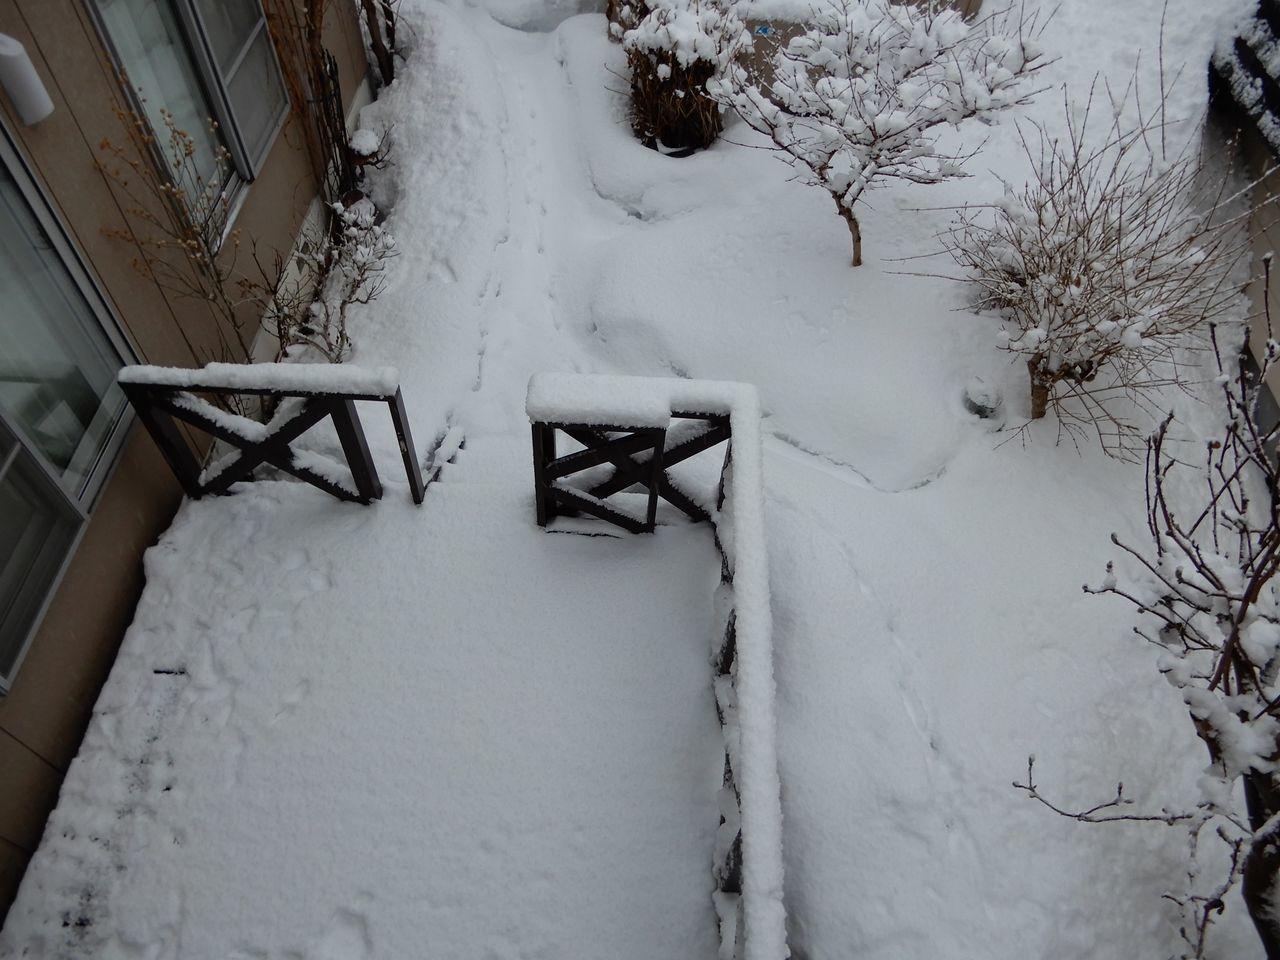 水よりも重い雪が積もりました_c0025115_22261878.jpg